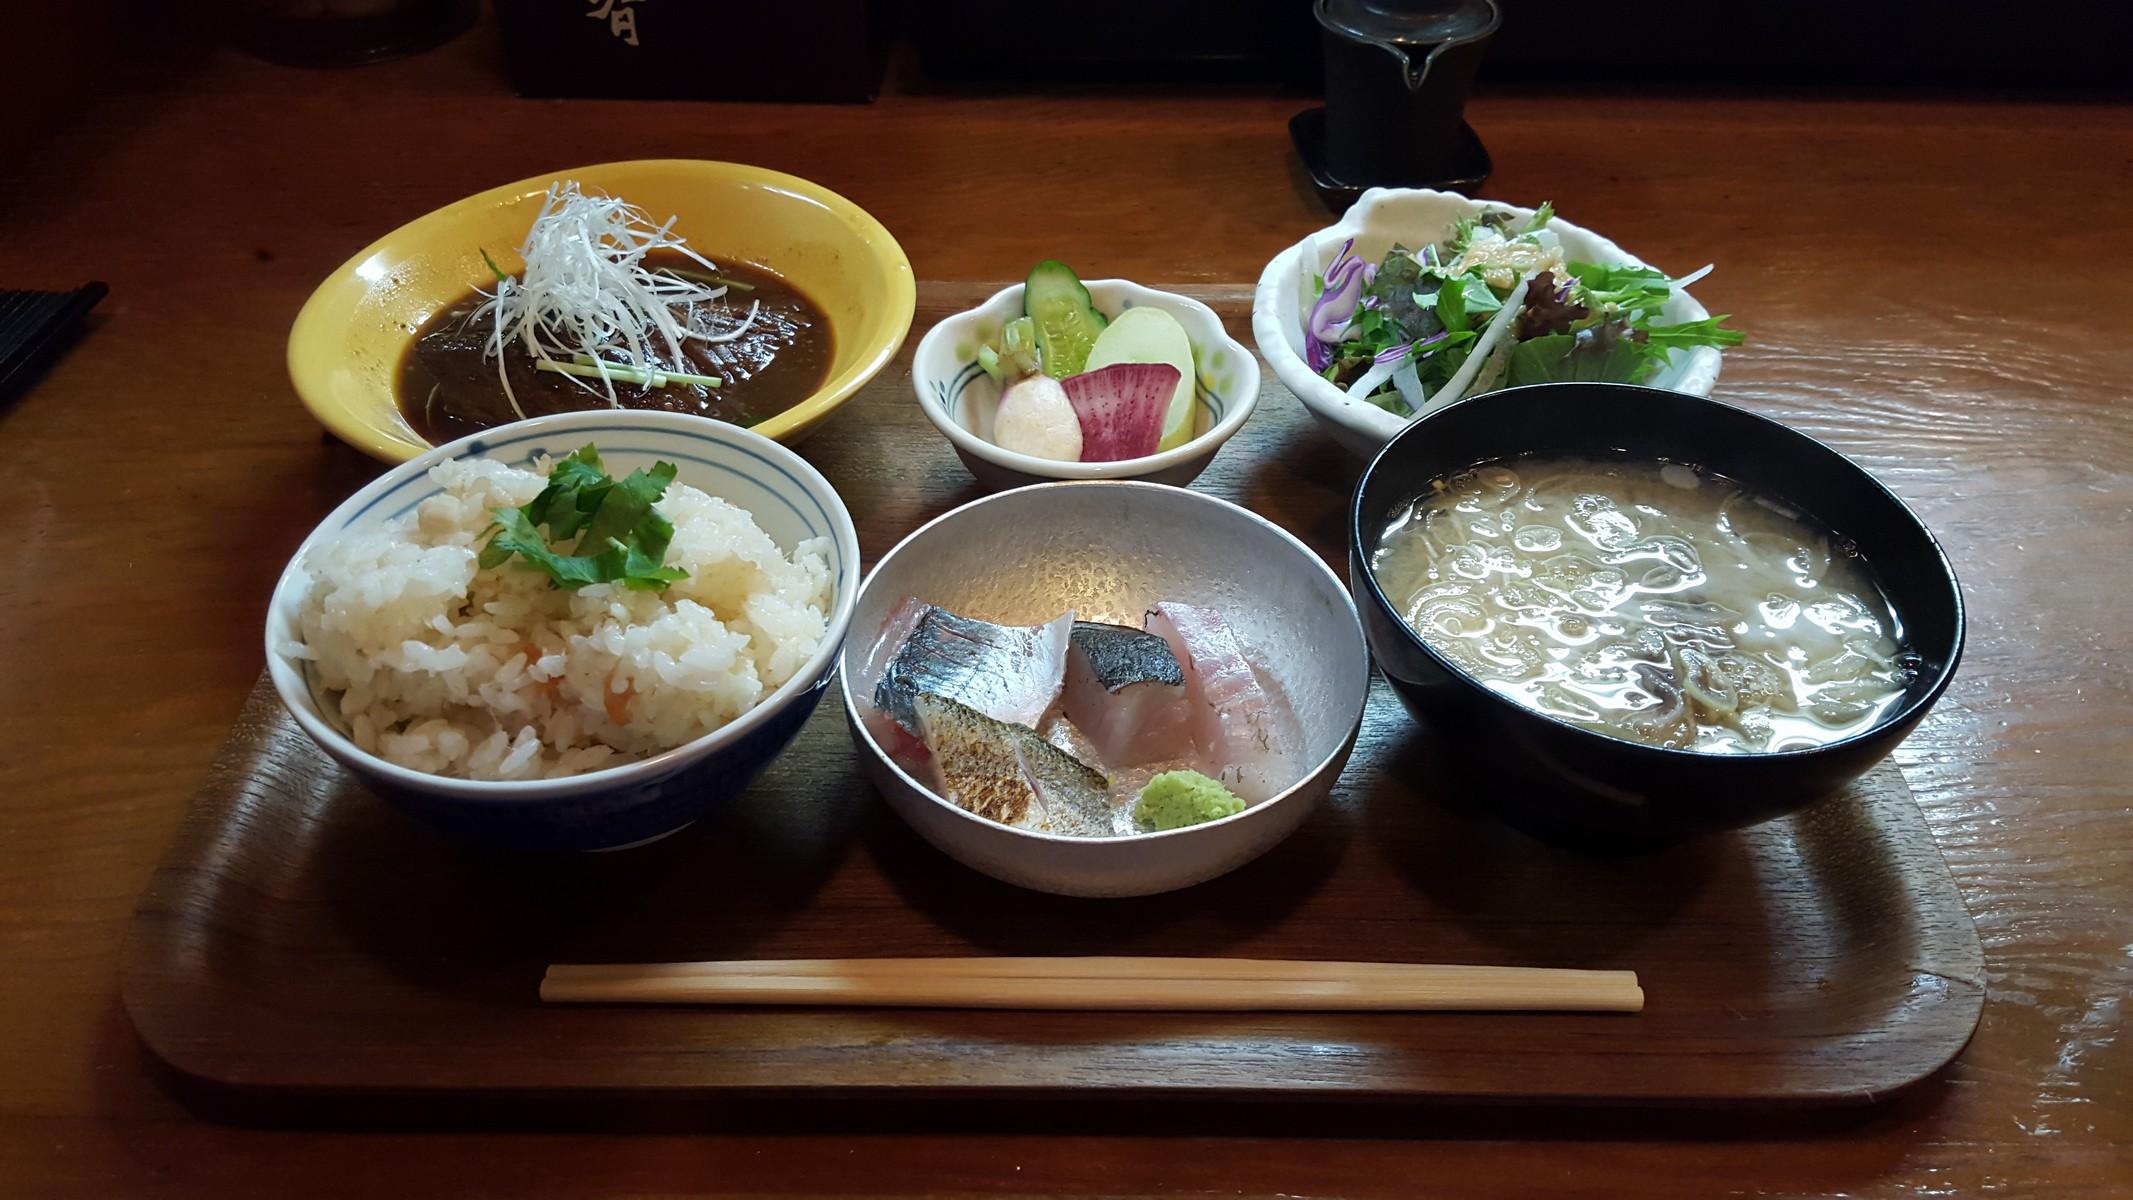 鯛めし定食【尾辰/銀座】